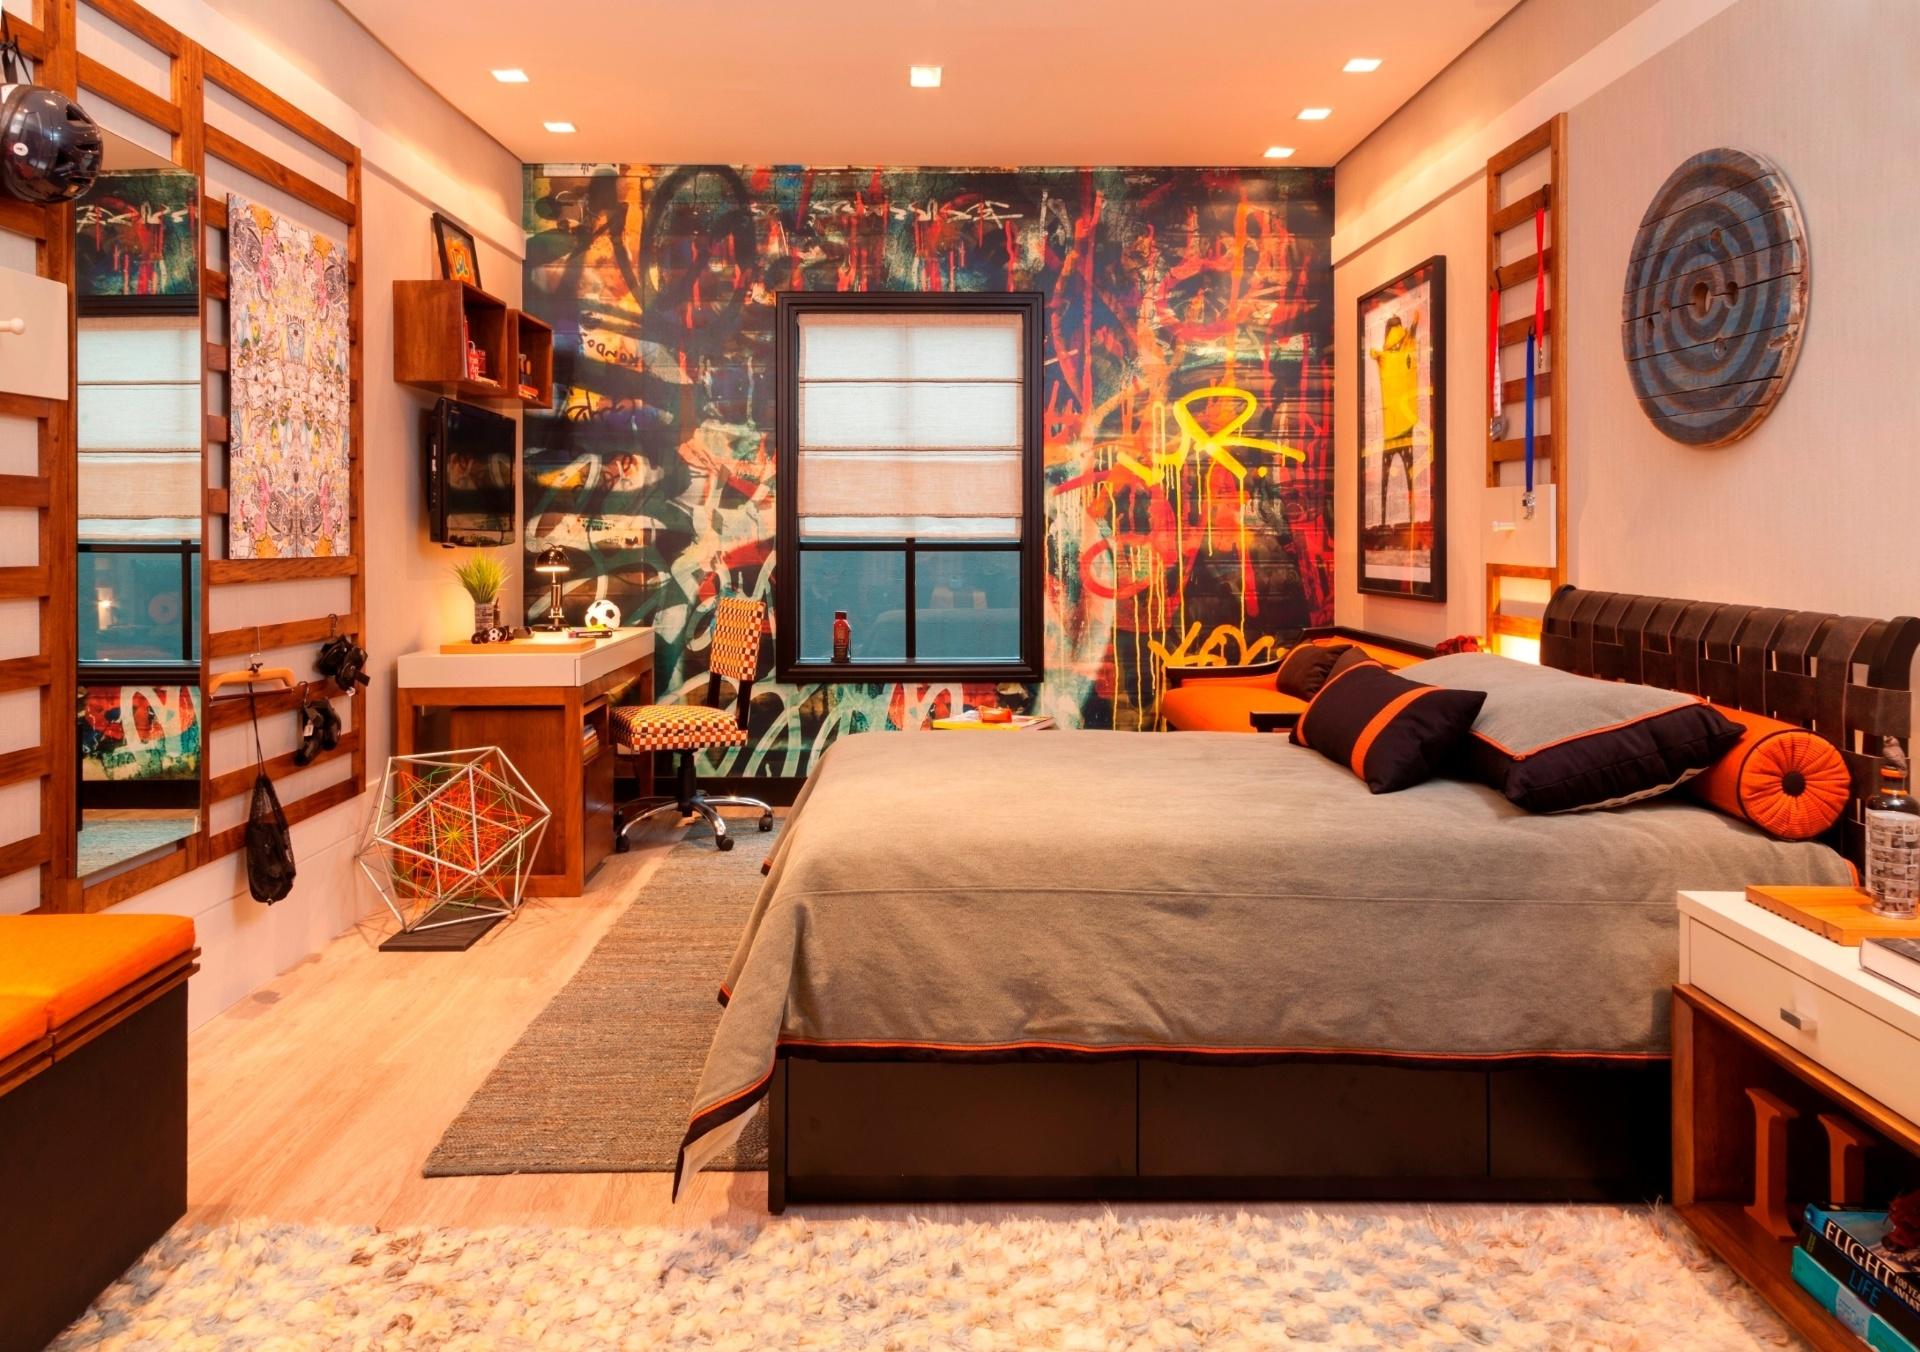 Inspirada no adolescente atual, a arquiteta Marta Calasans (www.martacalasans.com.br) projetou o espaço de 16,60 m² para a Mostra Quartos